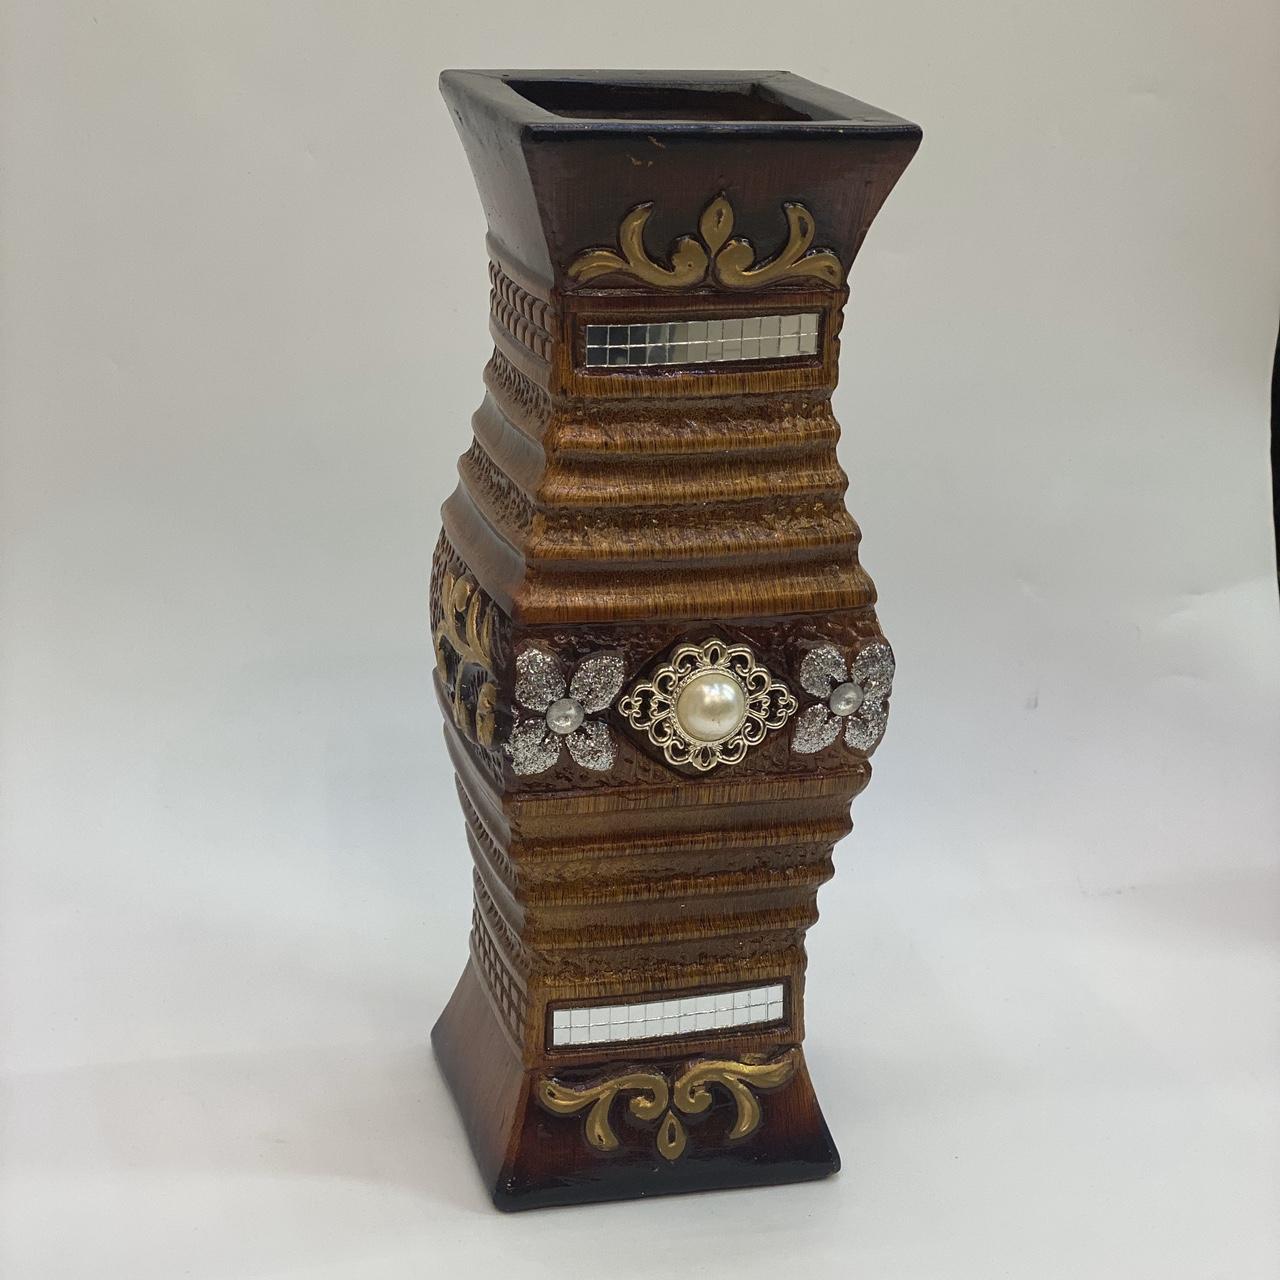 插干花花瓶 30CM陶瓷花瓶 工艺品摆件 花瓶花插漆彩工艺1